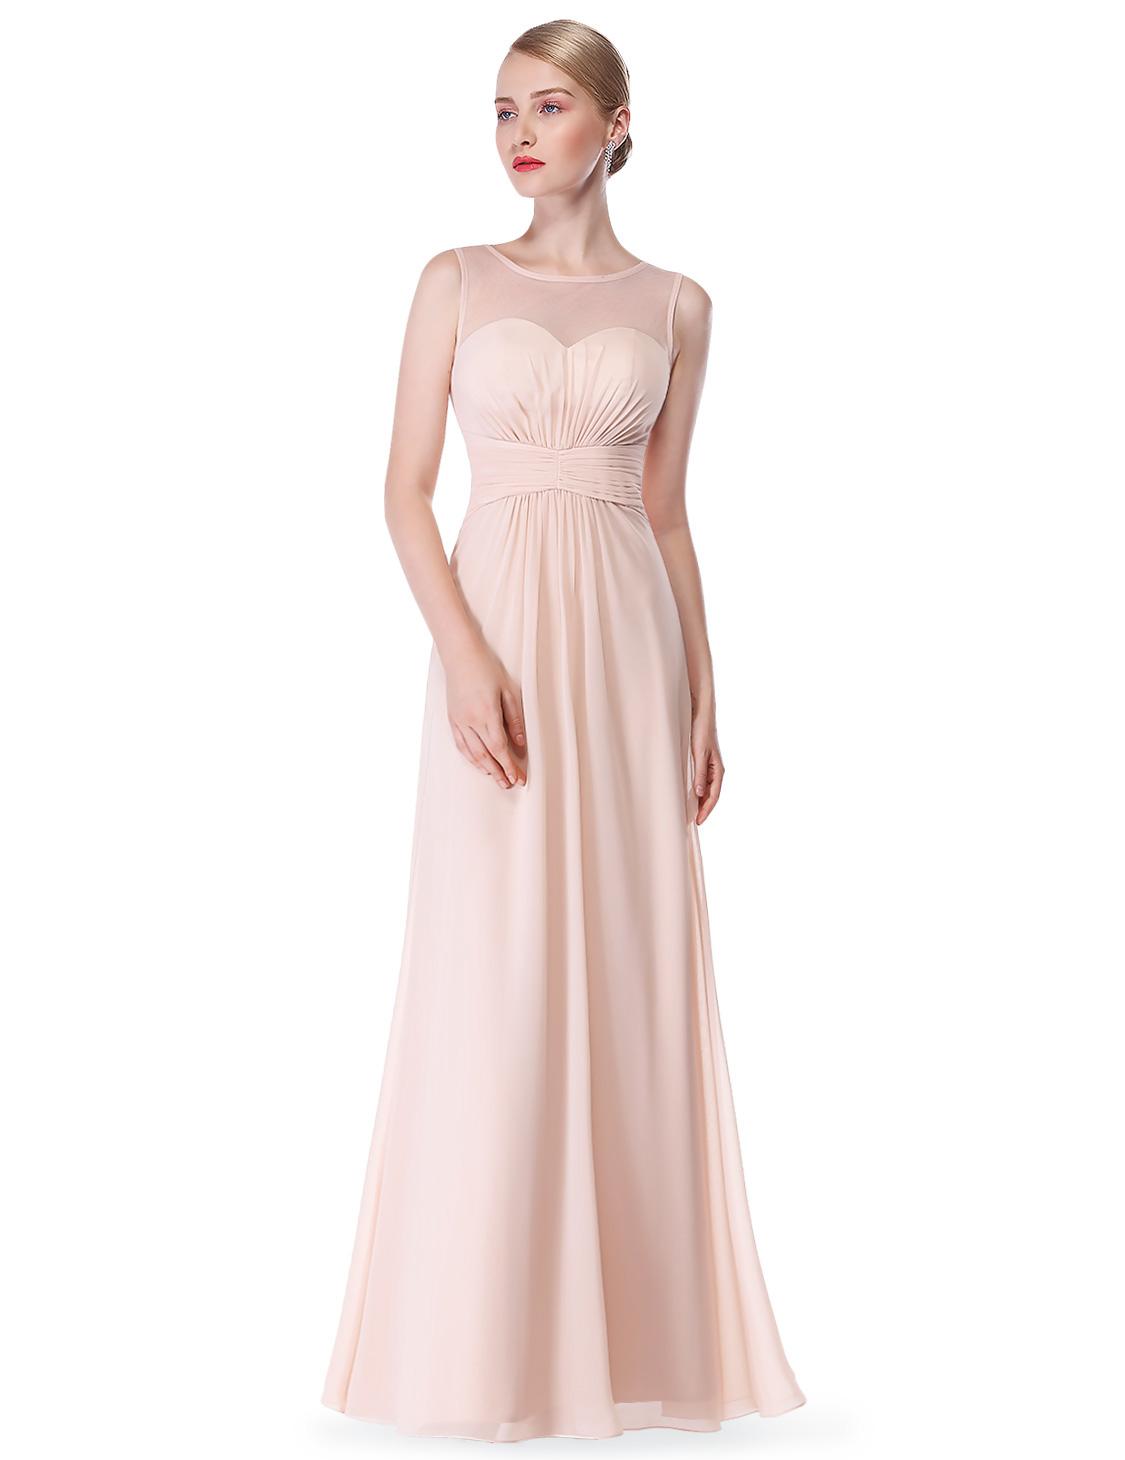 Šaty pro svatební matku maminku  82a1c1f6df